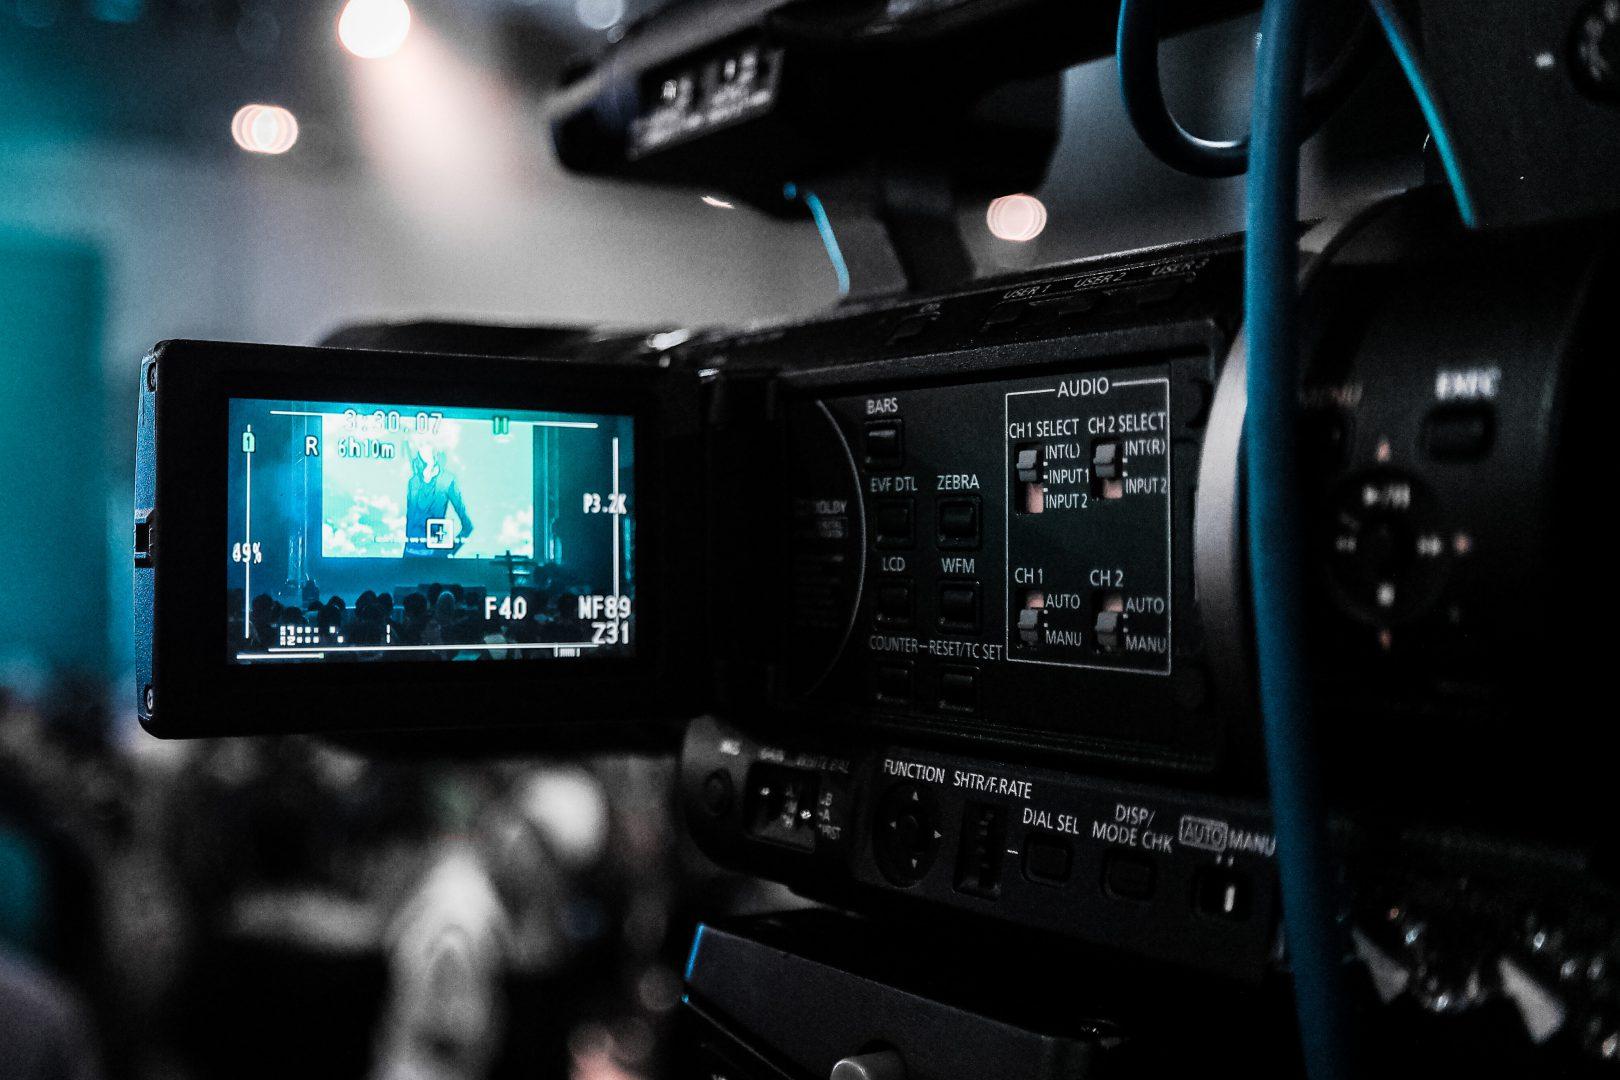 Kamera rejestrująca obraz.